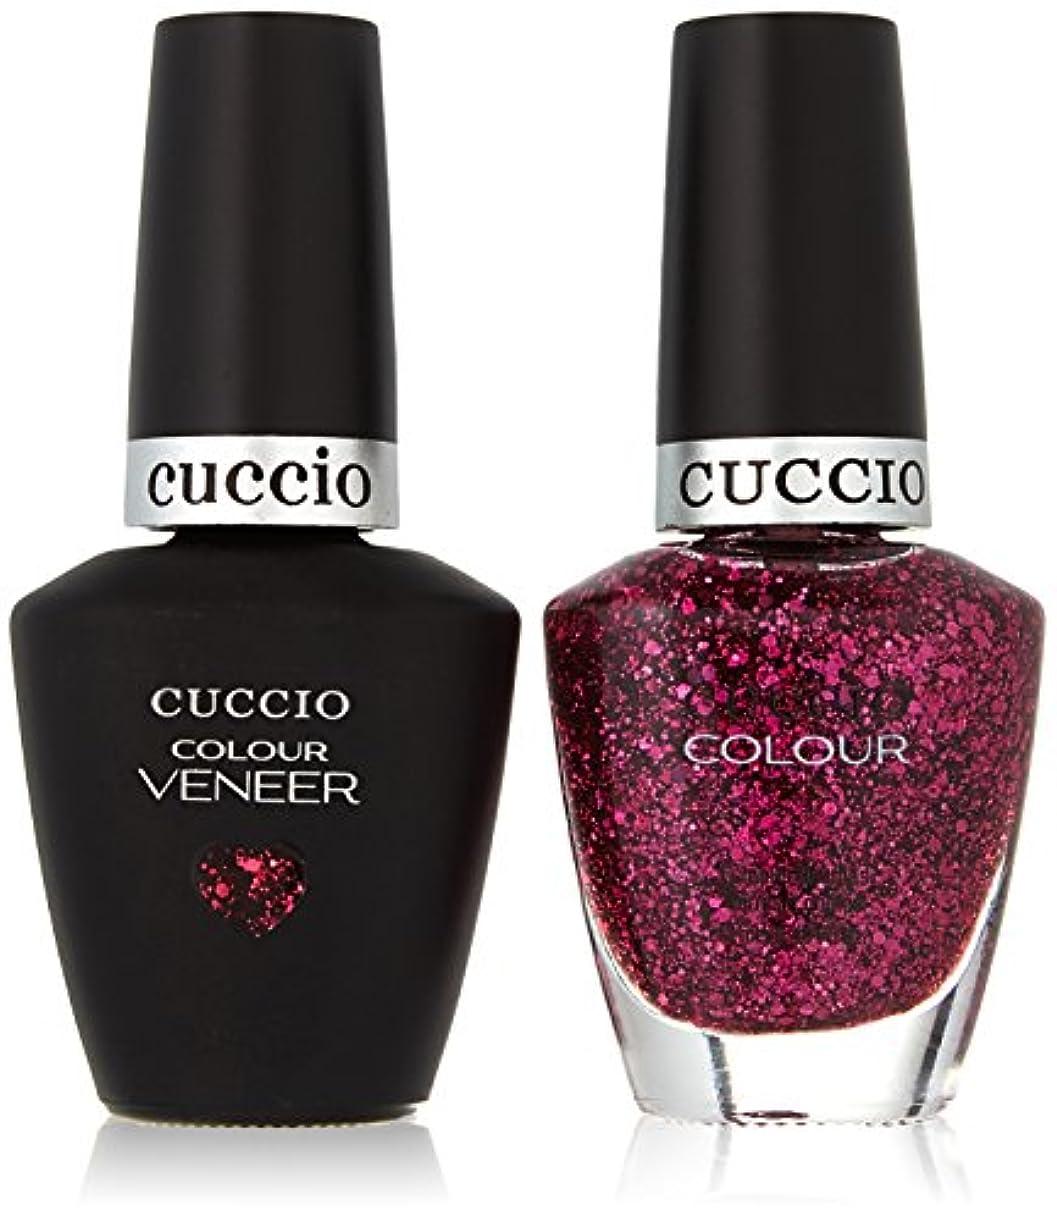 希望に満ちたサイドボード決定Cuccio MatchMakers Veneer & Lacquer - Fever of Love - 0.43oz/13ml Each